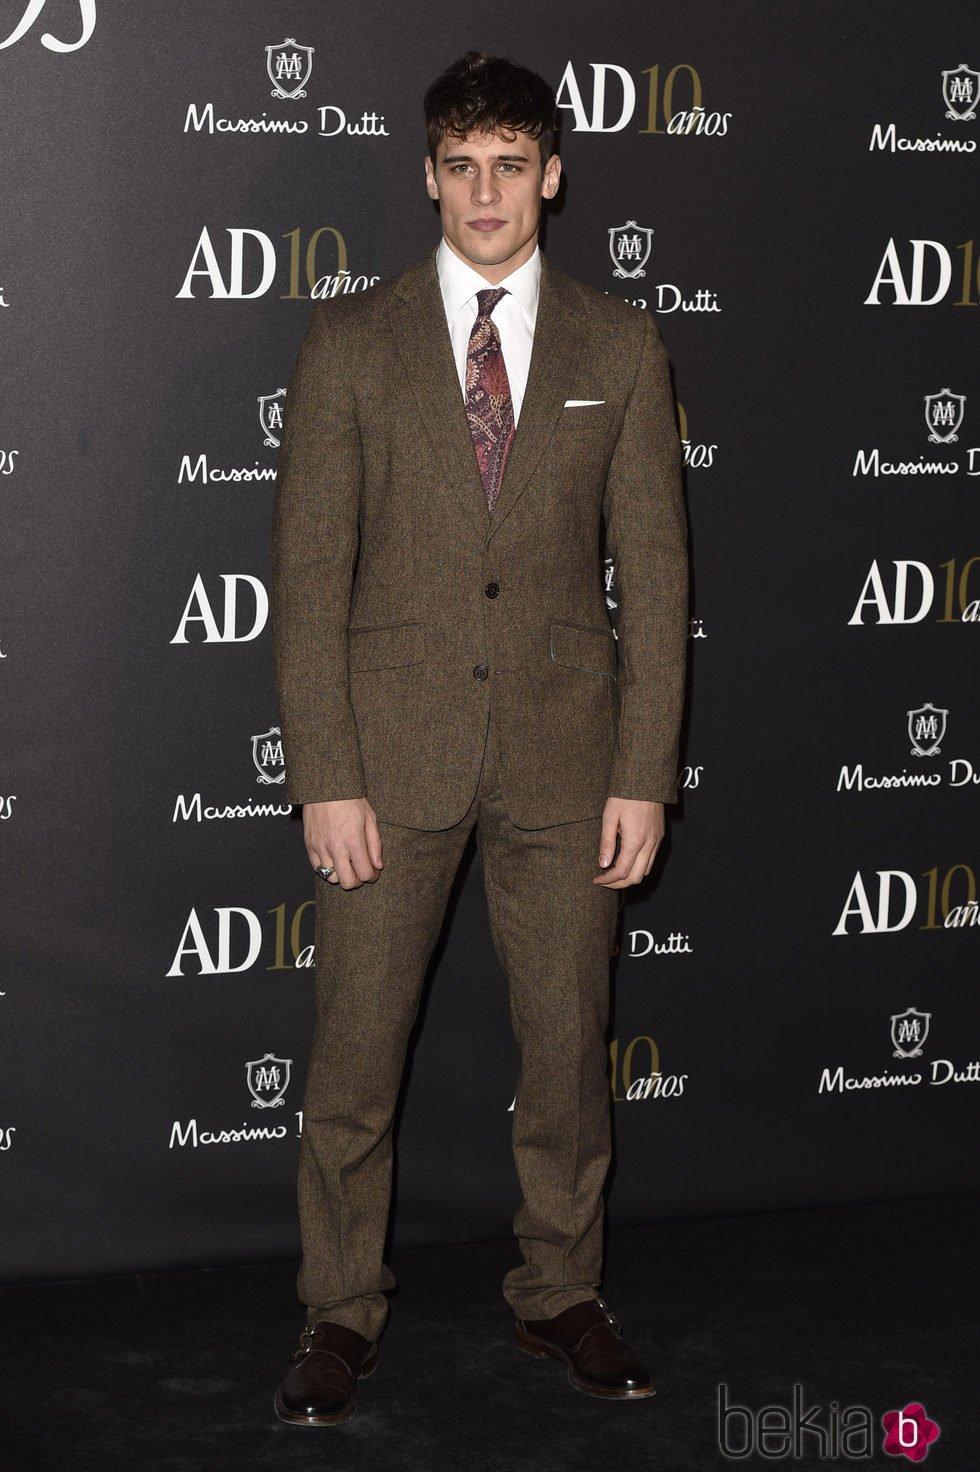 Martín Rivas en los Premios AD 2016